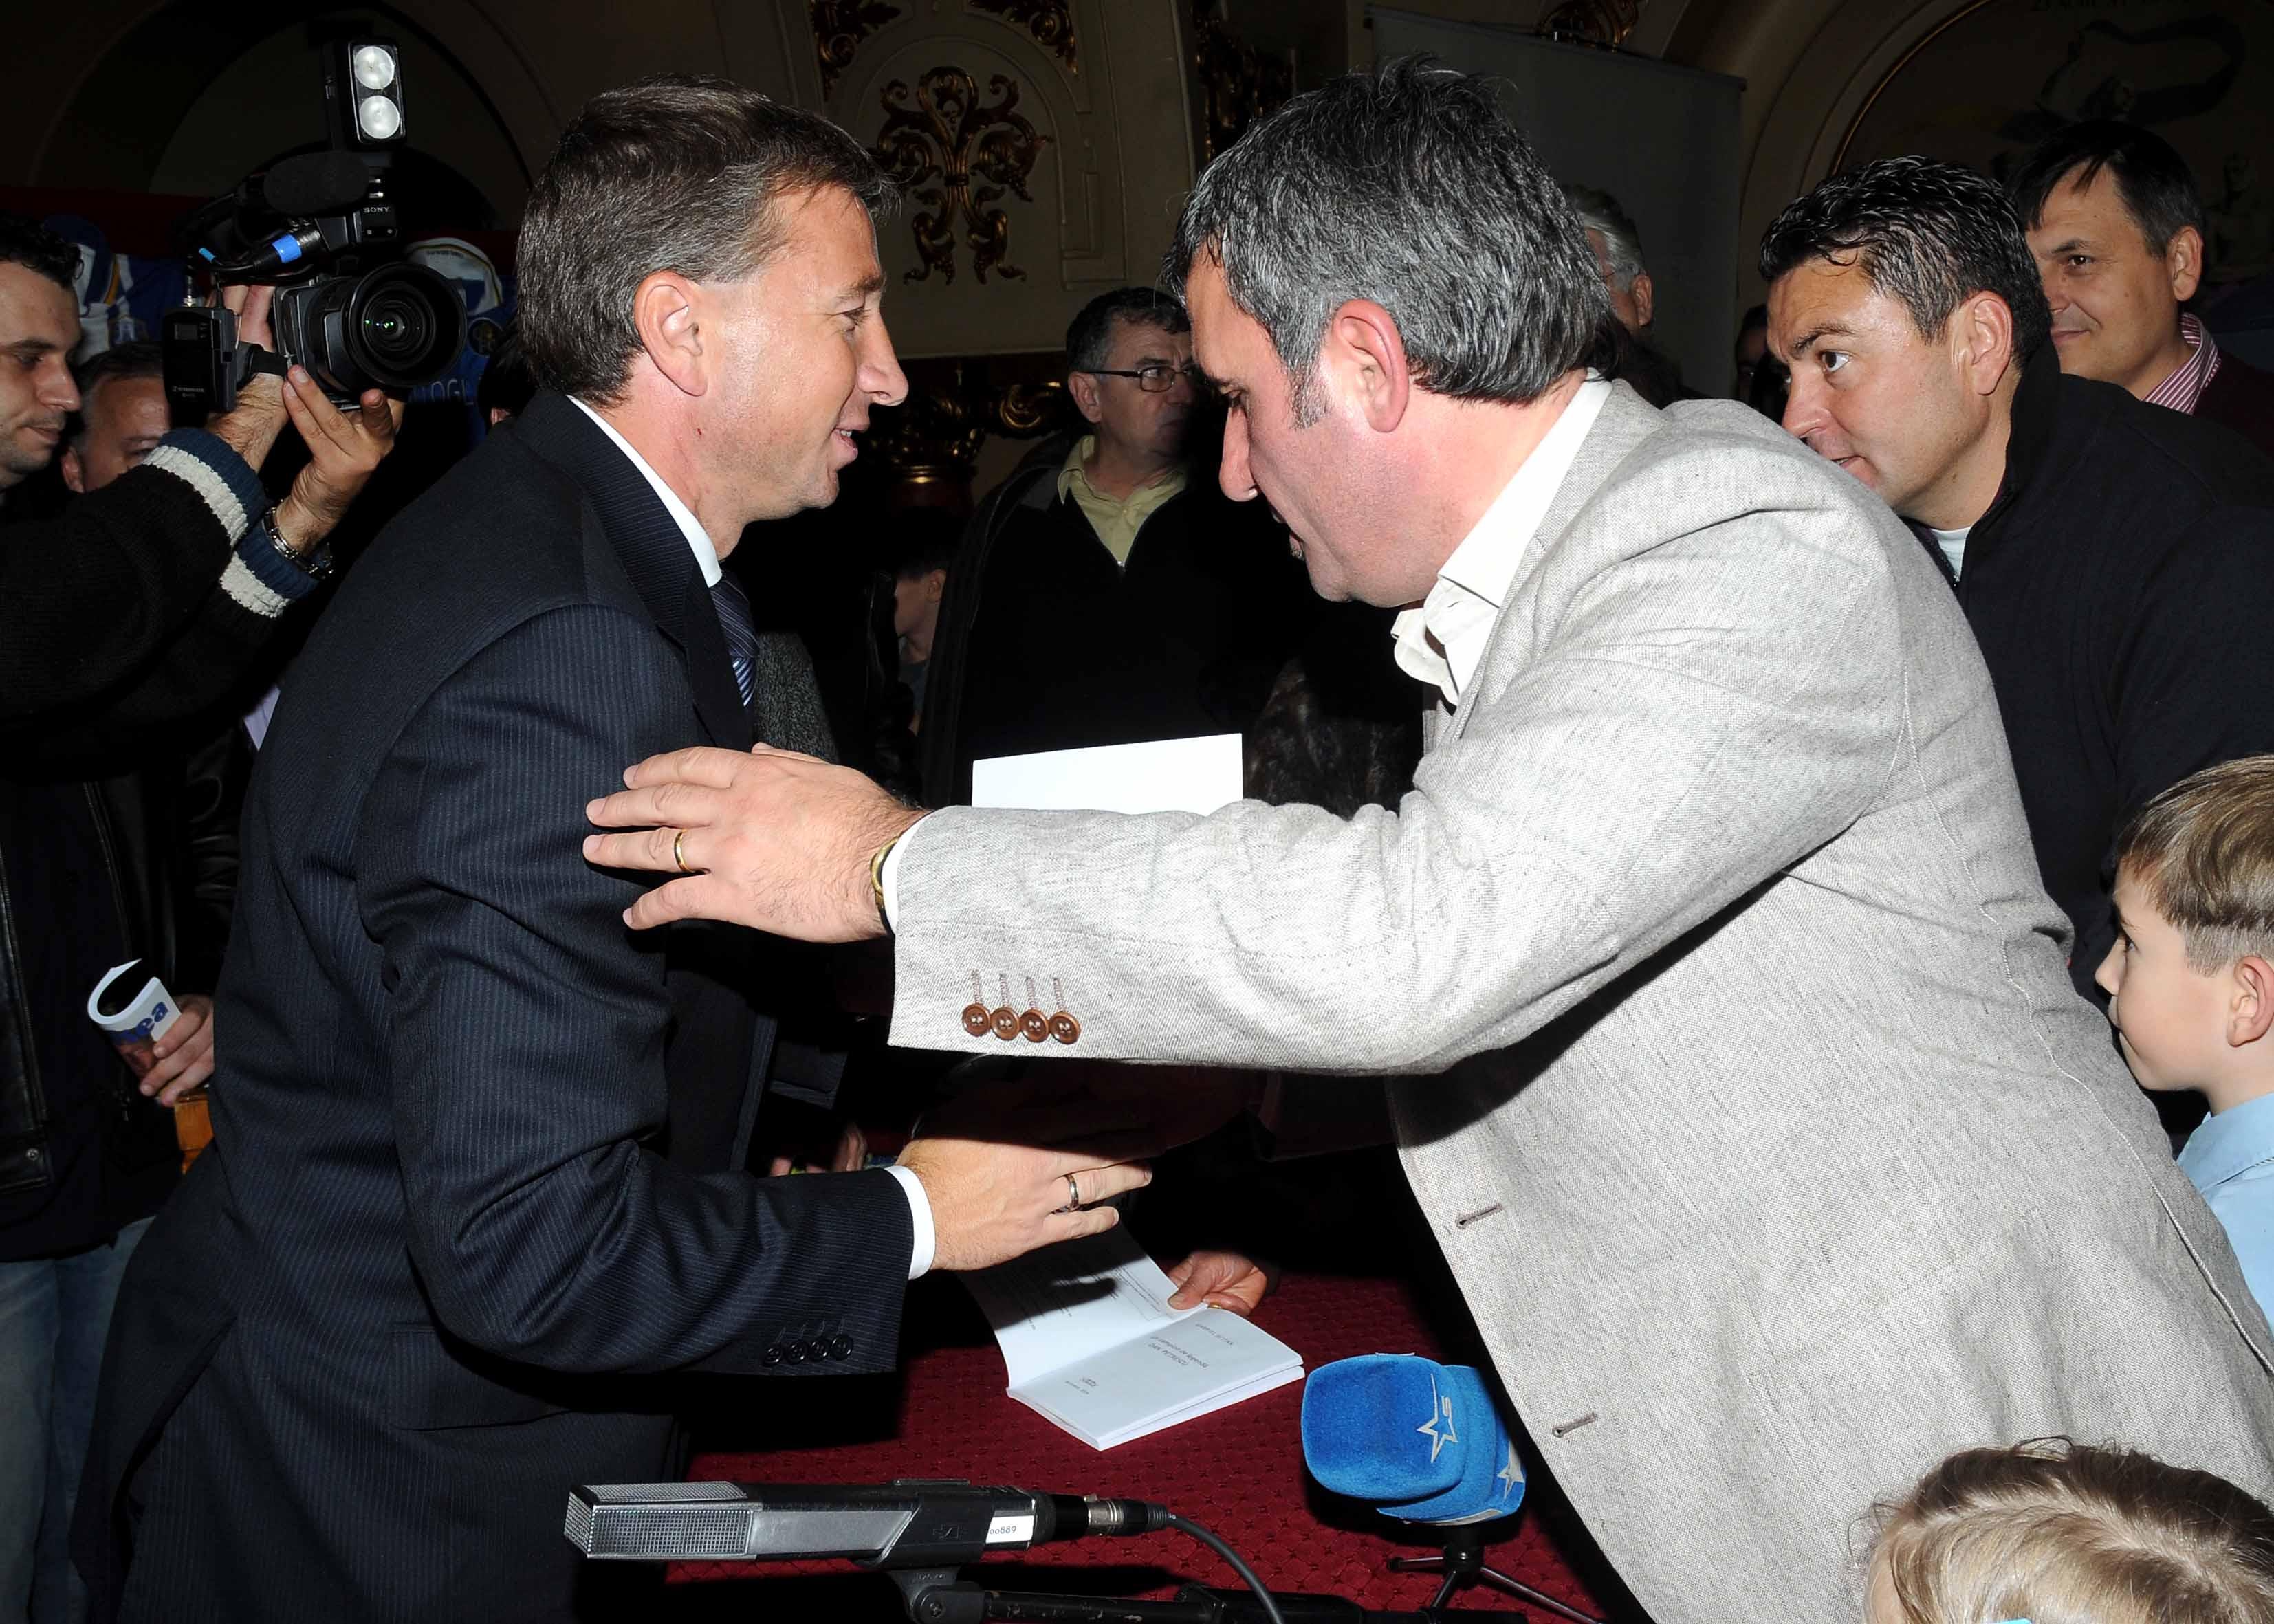 Dan Petrescu și Gică Hagi la lansarea cărții antrenorului de la CFR Cluj. Sursă foto: spotpictures.eu